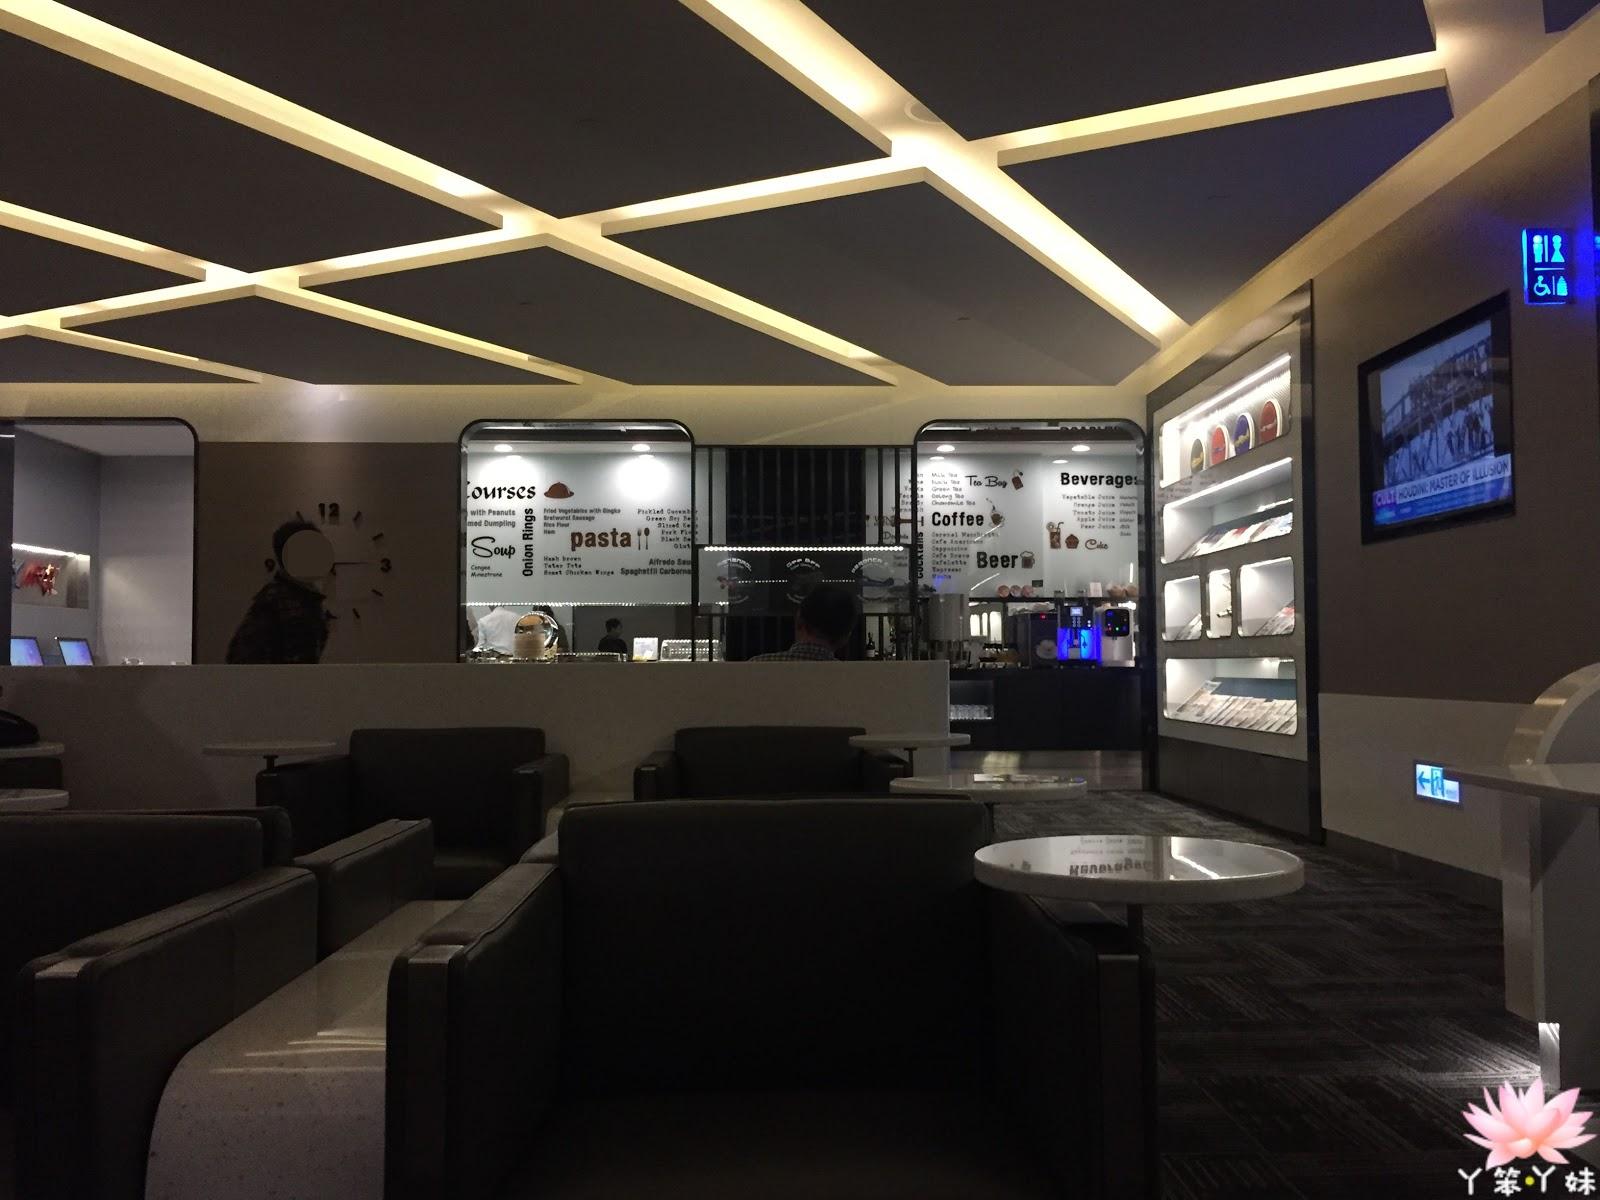 【臺灣・高雄・2017】小港機場-長榮貴賓室EVA Air Lounge : Y笨Y妹